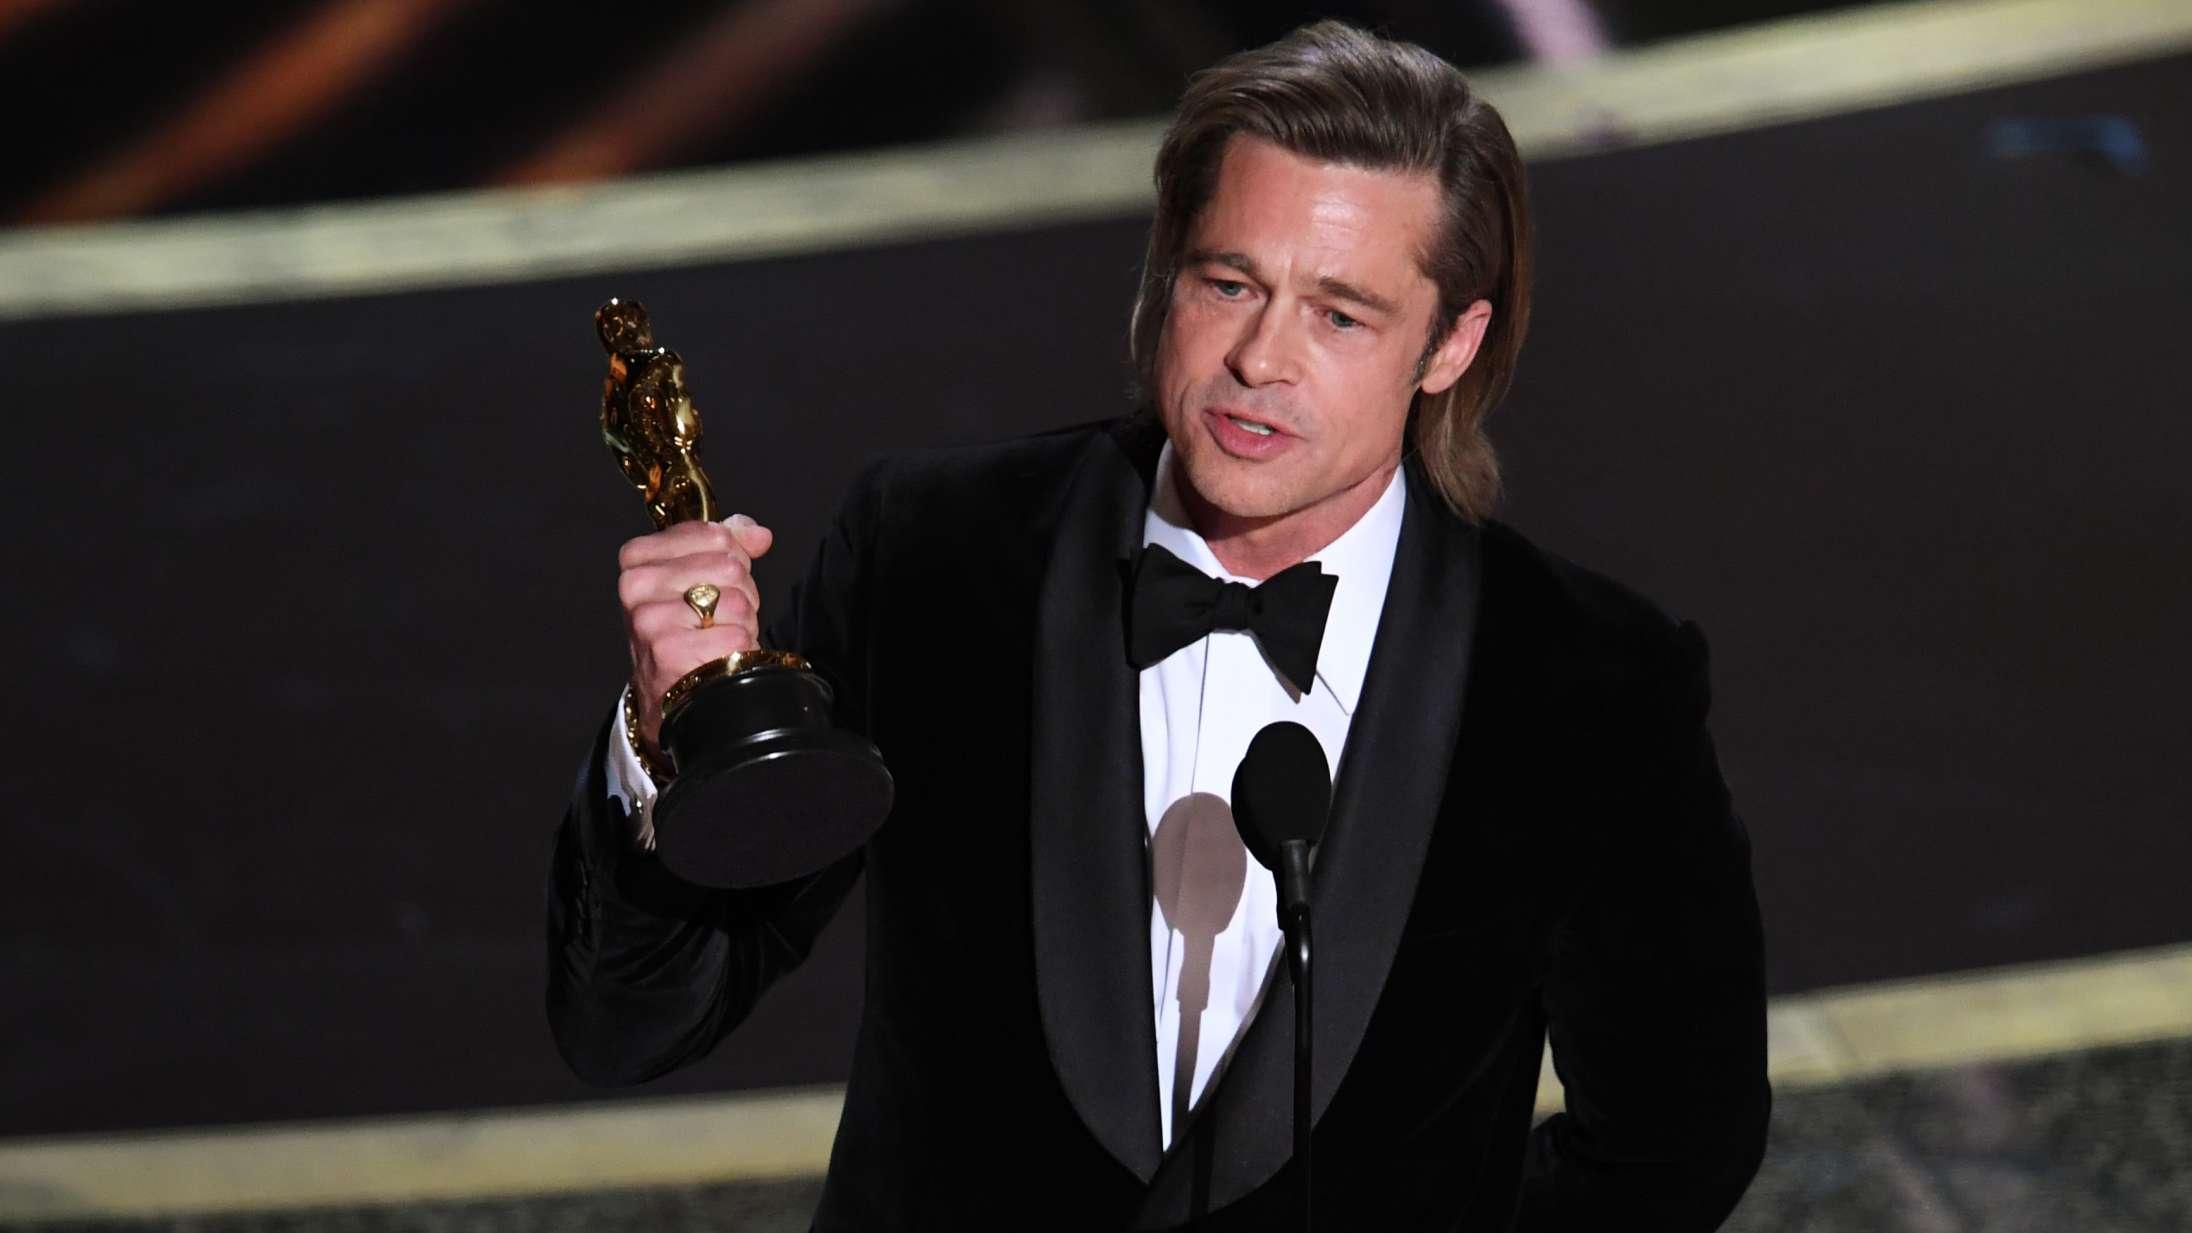 Brad Pitt vinder Oscar og leverer personlig og politisk vindertale med grødet stemme